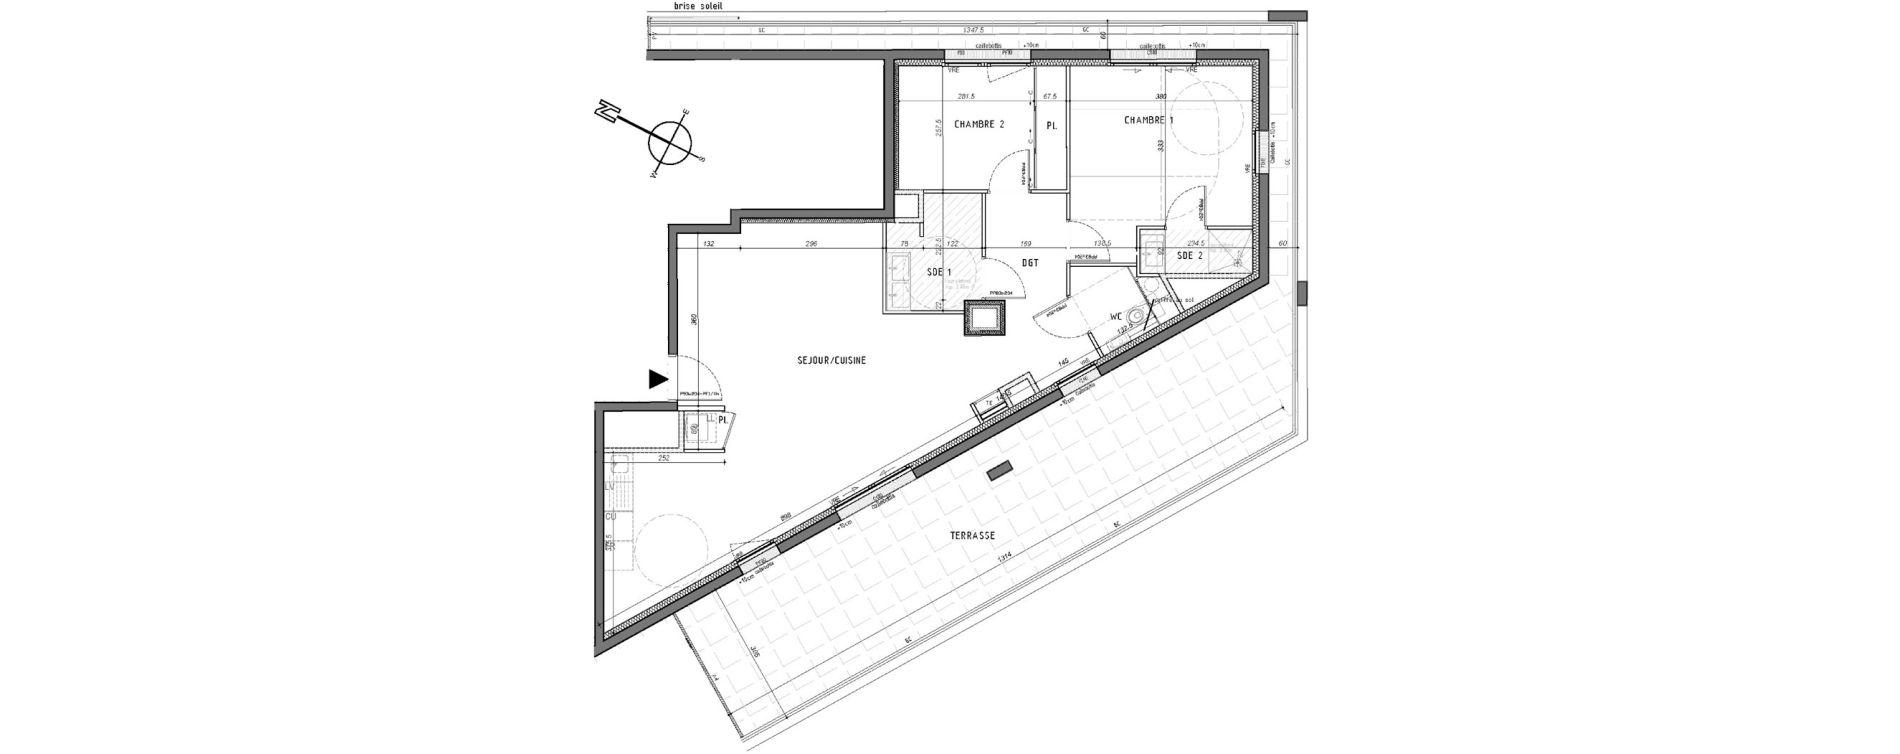 Appartement T3 de 76,49 m2 à Rennes Saint-martin